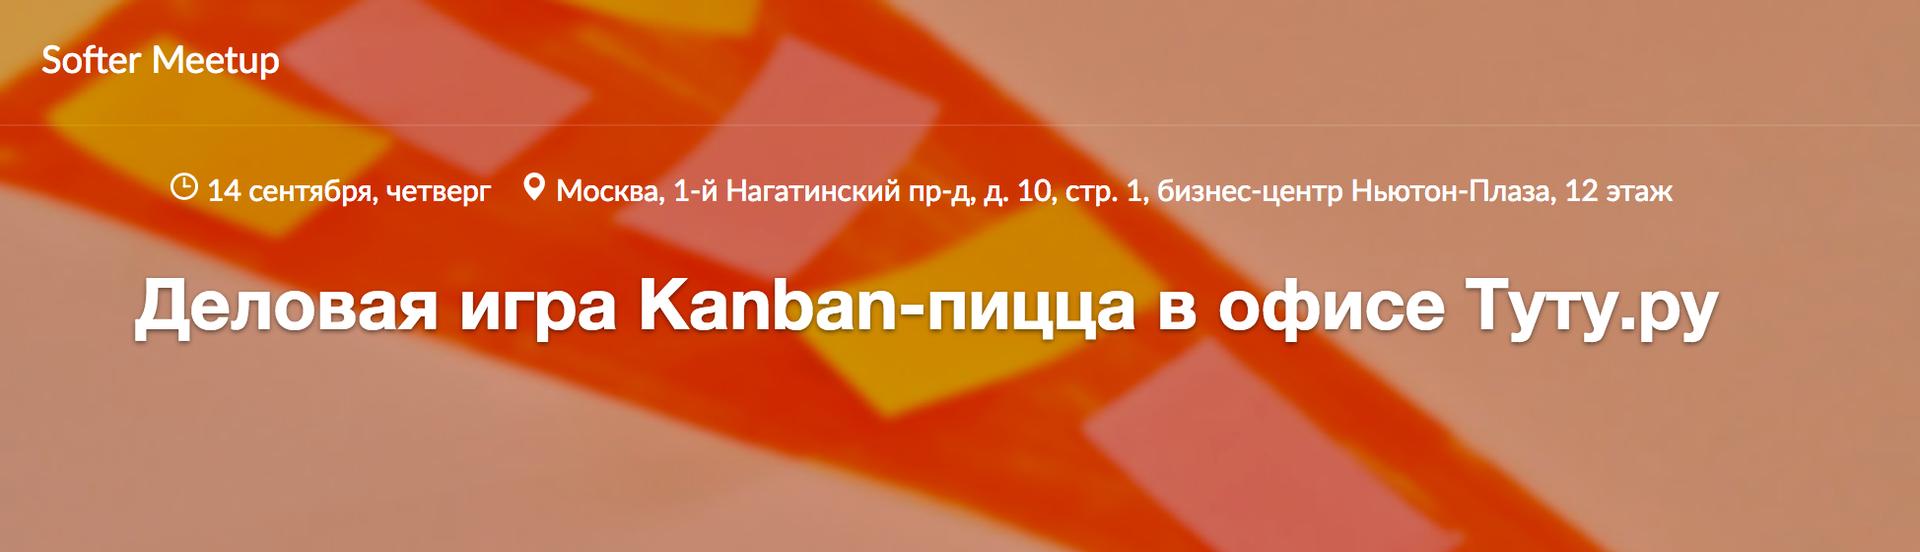 Деловая игра Kanban-пицца в офисе Туту.ру - 1